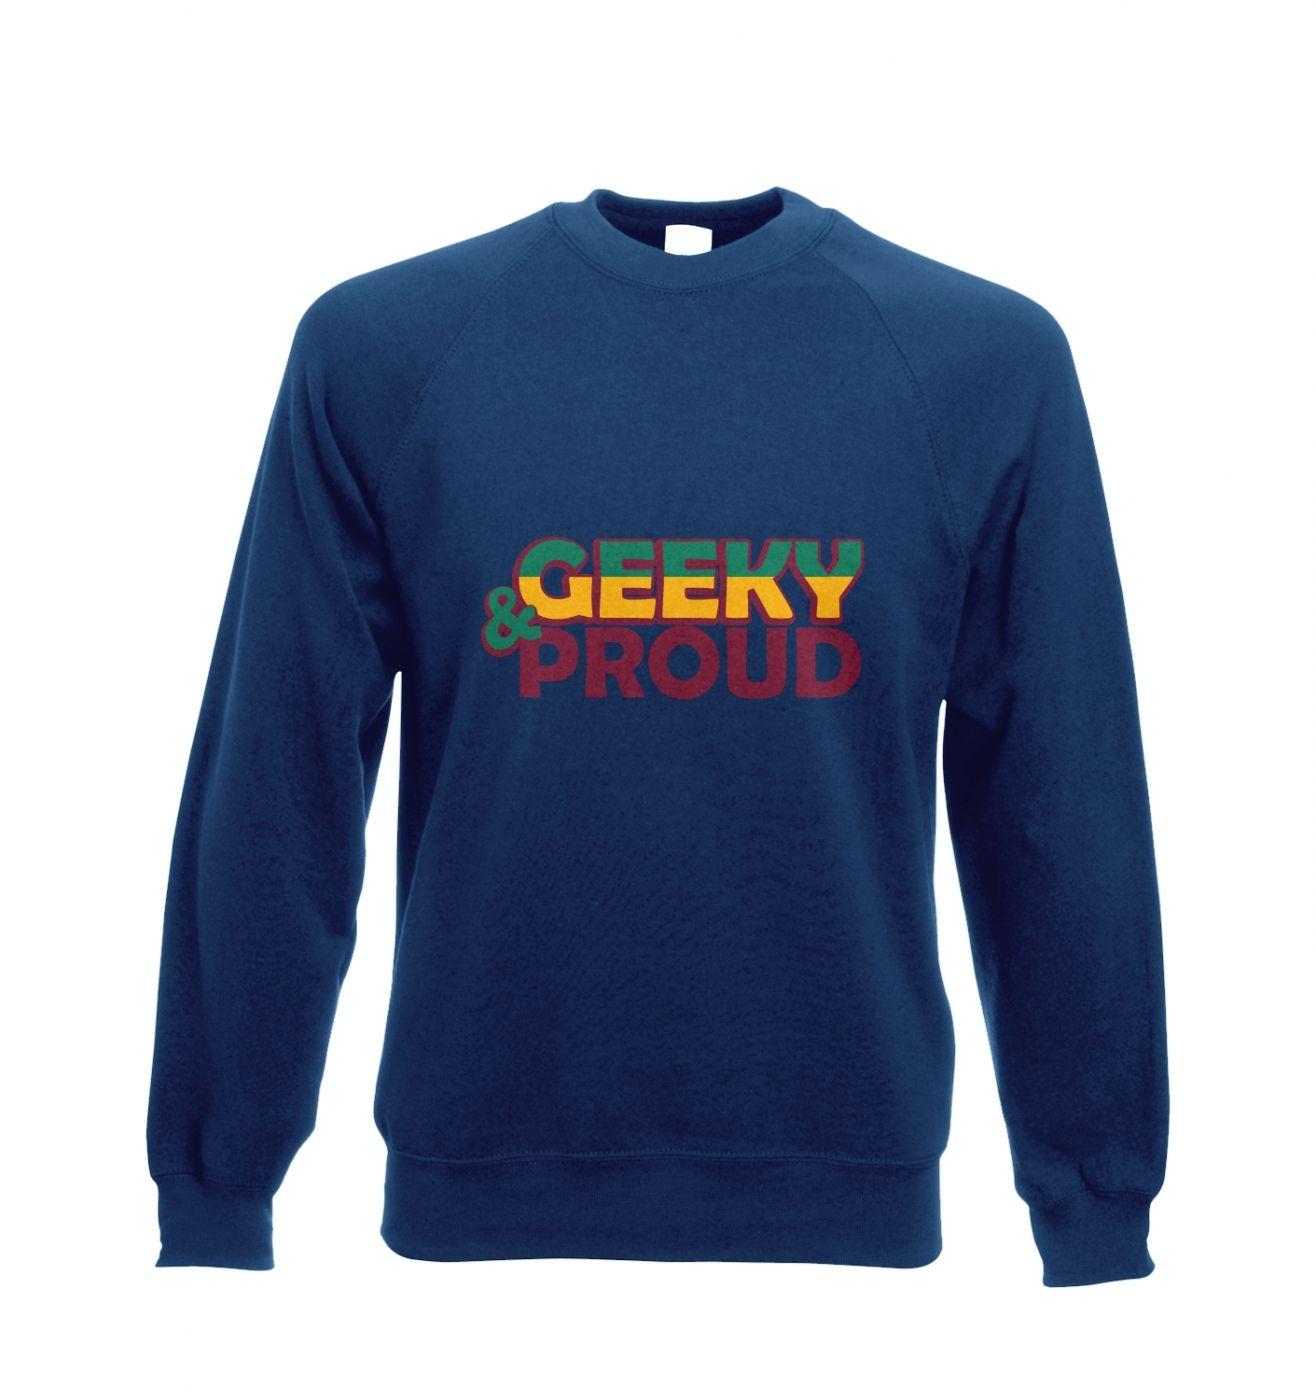 Geeky and Proud Adult Crewneck Sweatshirt